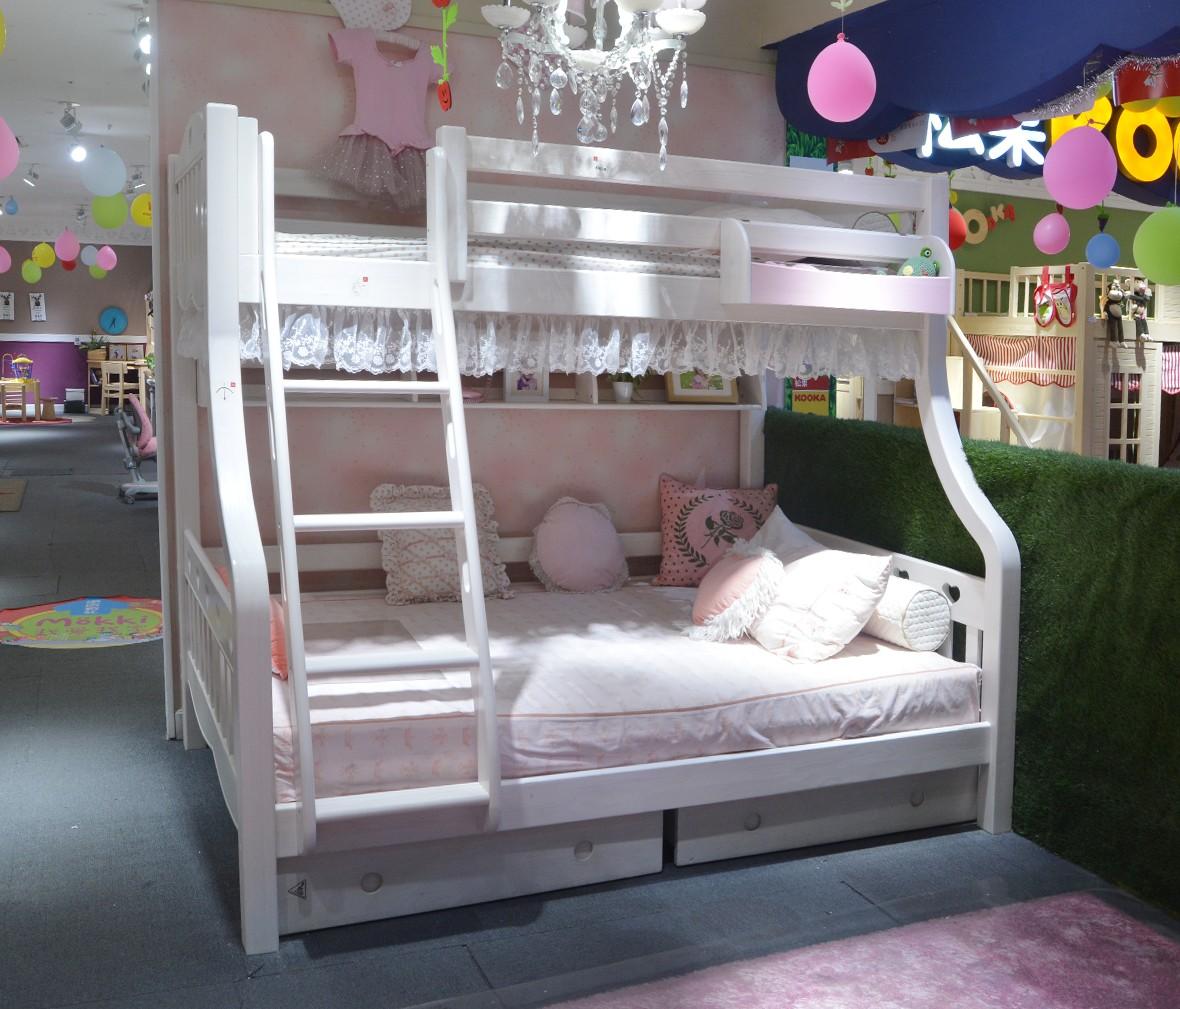 松果儿童家具 SA103X-135*20型号上下床 芬兰松材质儿童床 商品情景